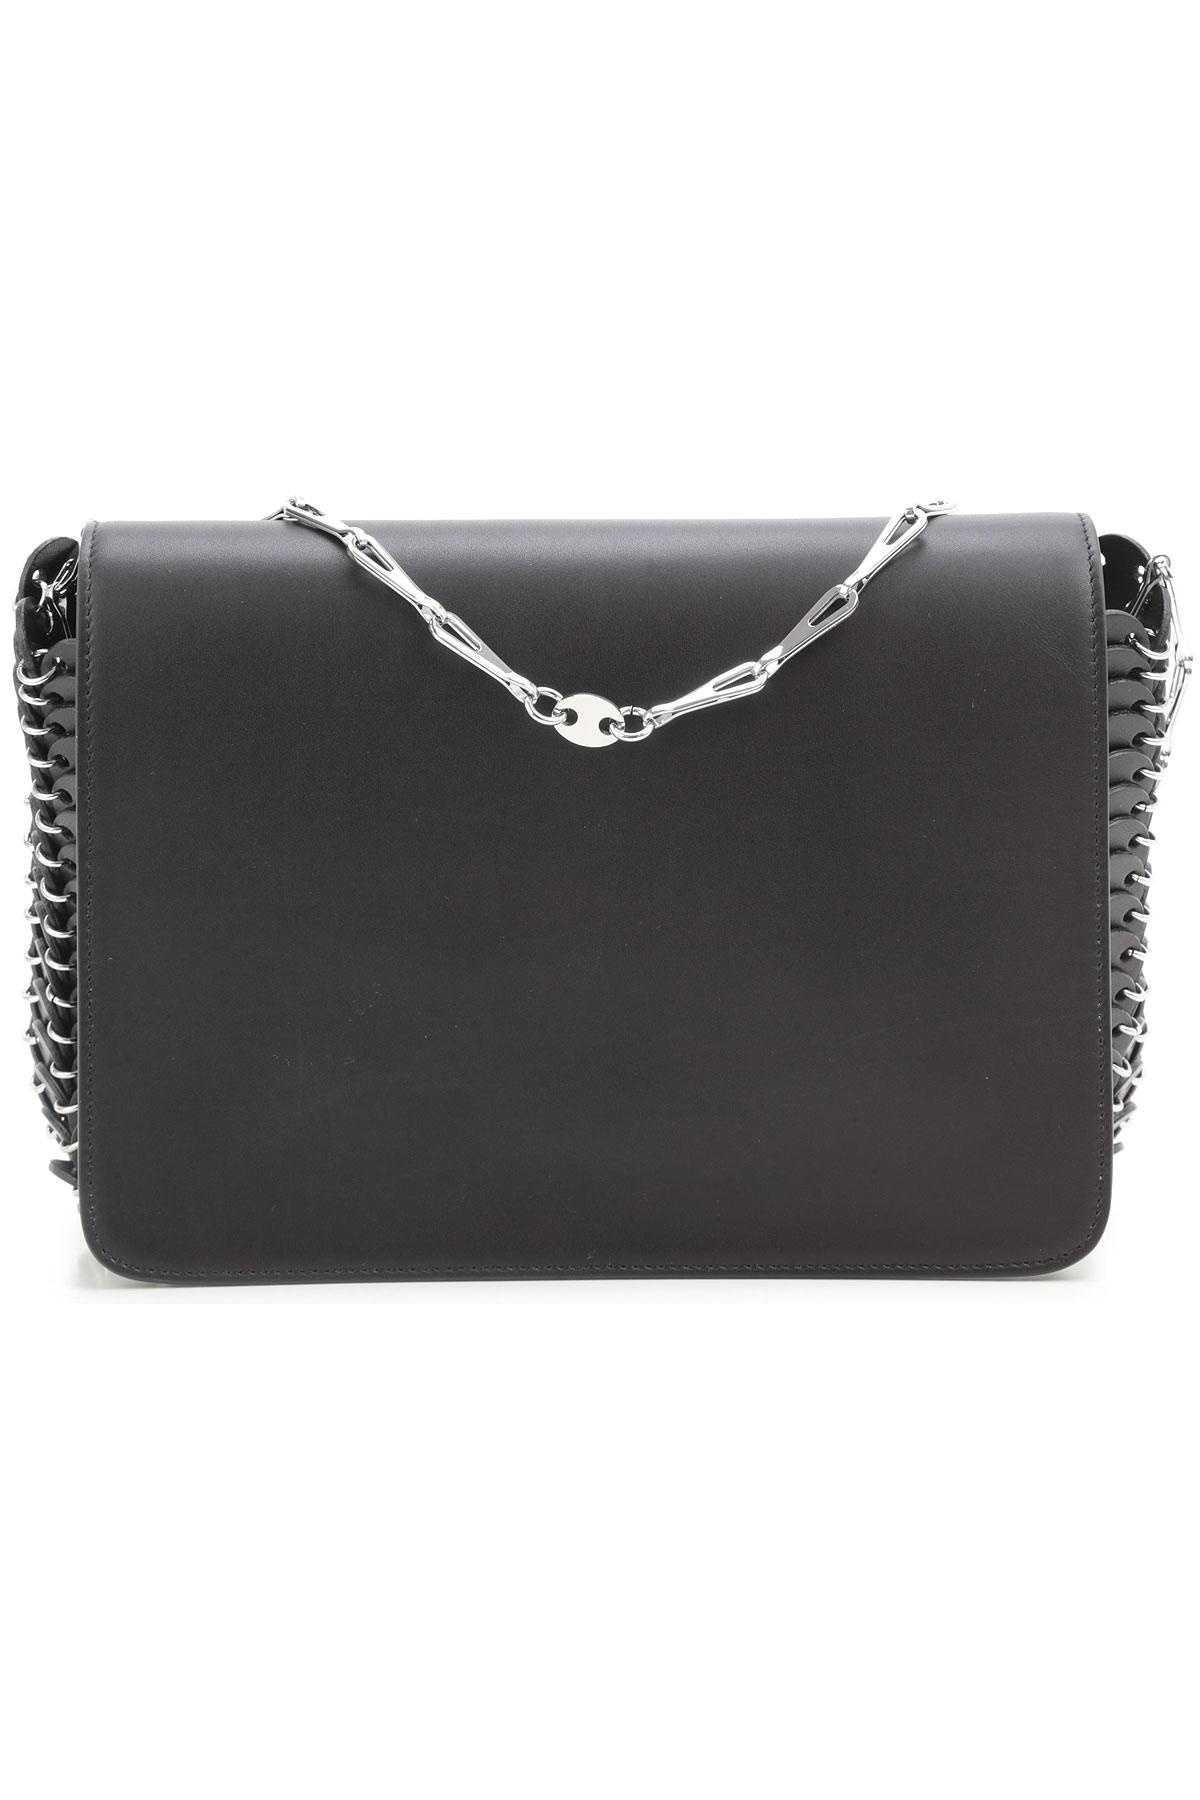 Image of Paco Rabanne Shoulder Bag for Women On Sale, Black, Leather, 2017